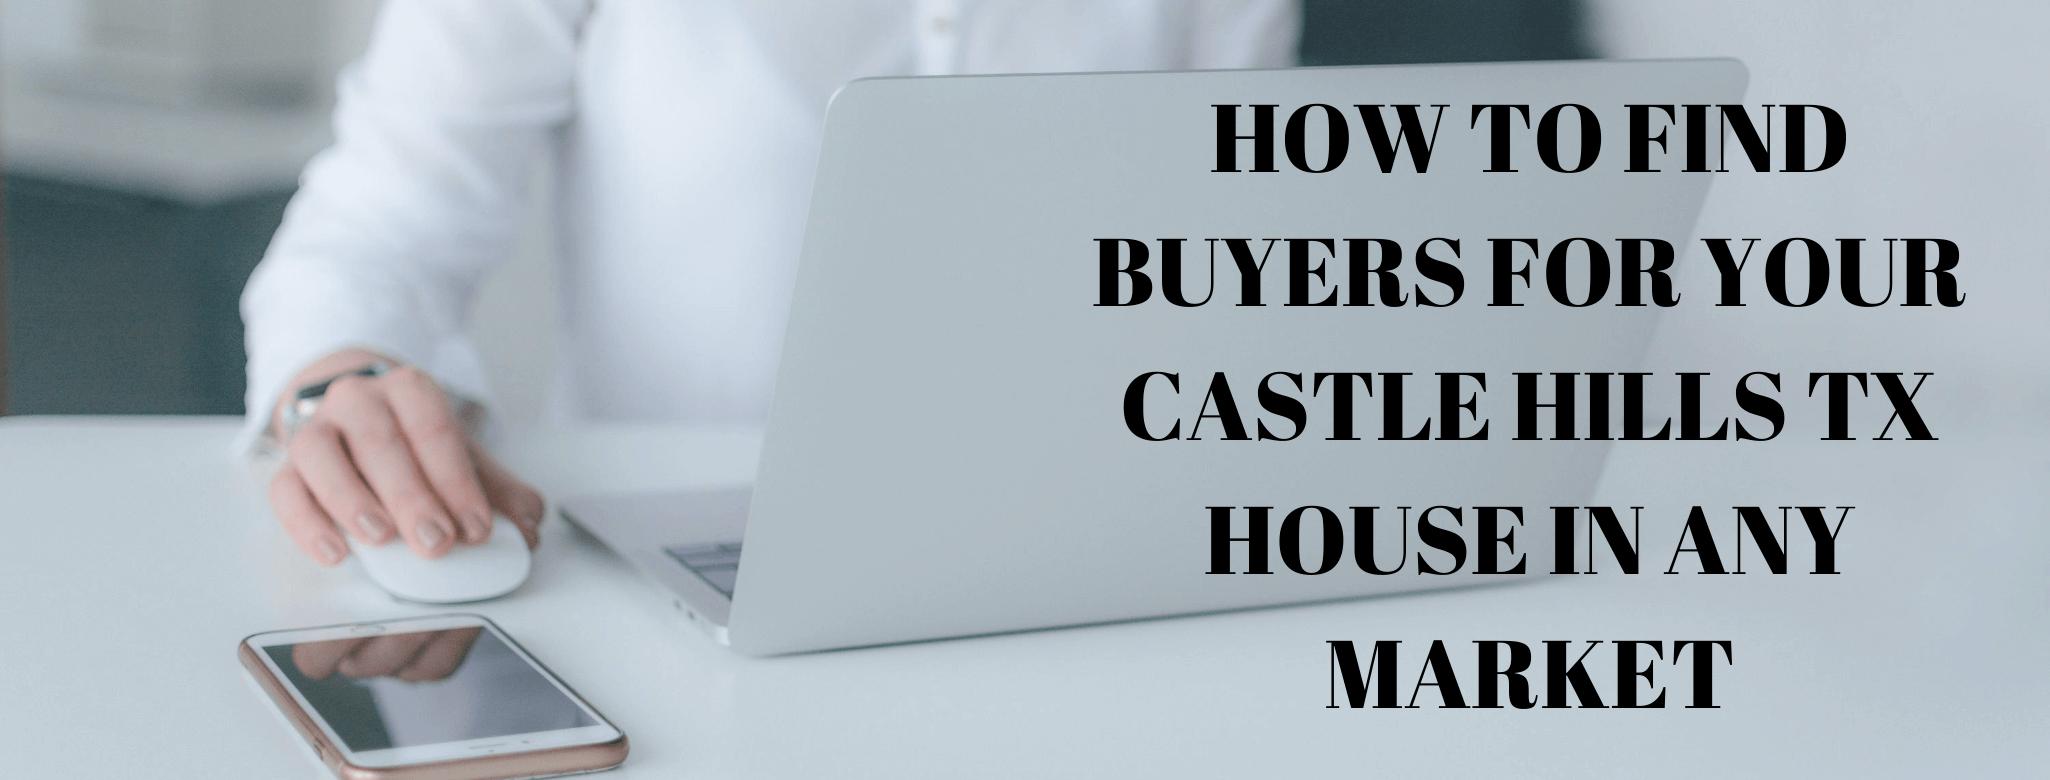 we buy properties in Castle Hills TX